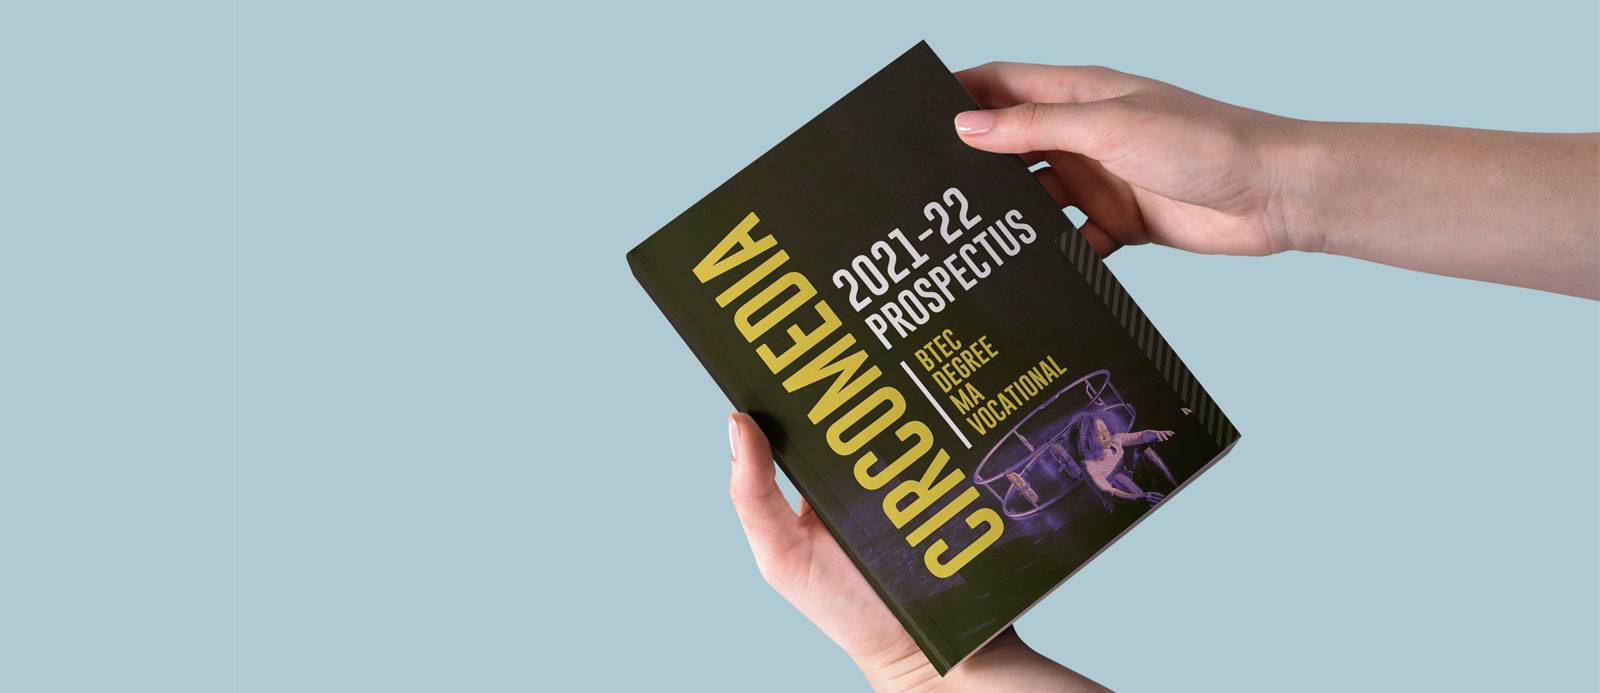 Circomedia Prospectus 2021/22